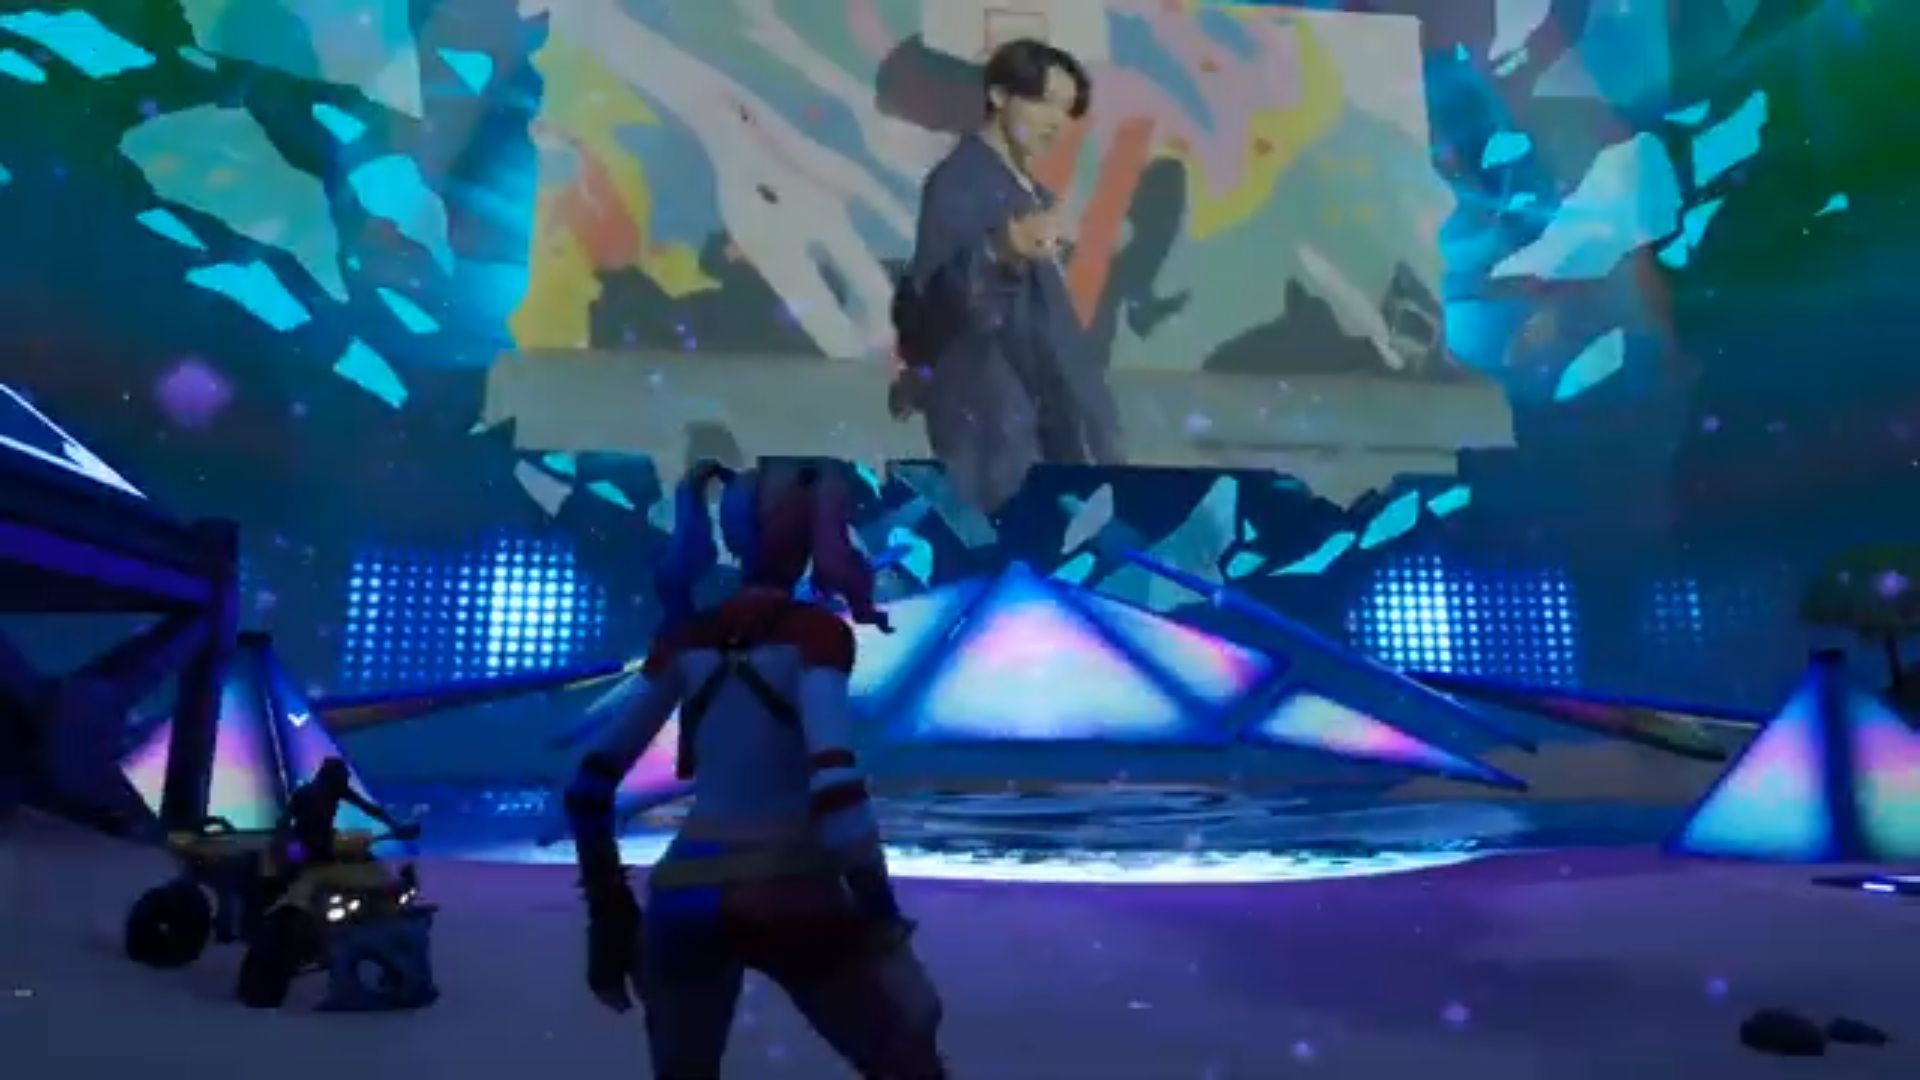 Así es el segmento que BTS tuvo en Fortnite este viernes 25 y que volverá hoy sábado 26 en su isla Battle Royale.